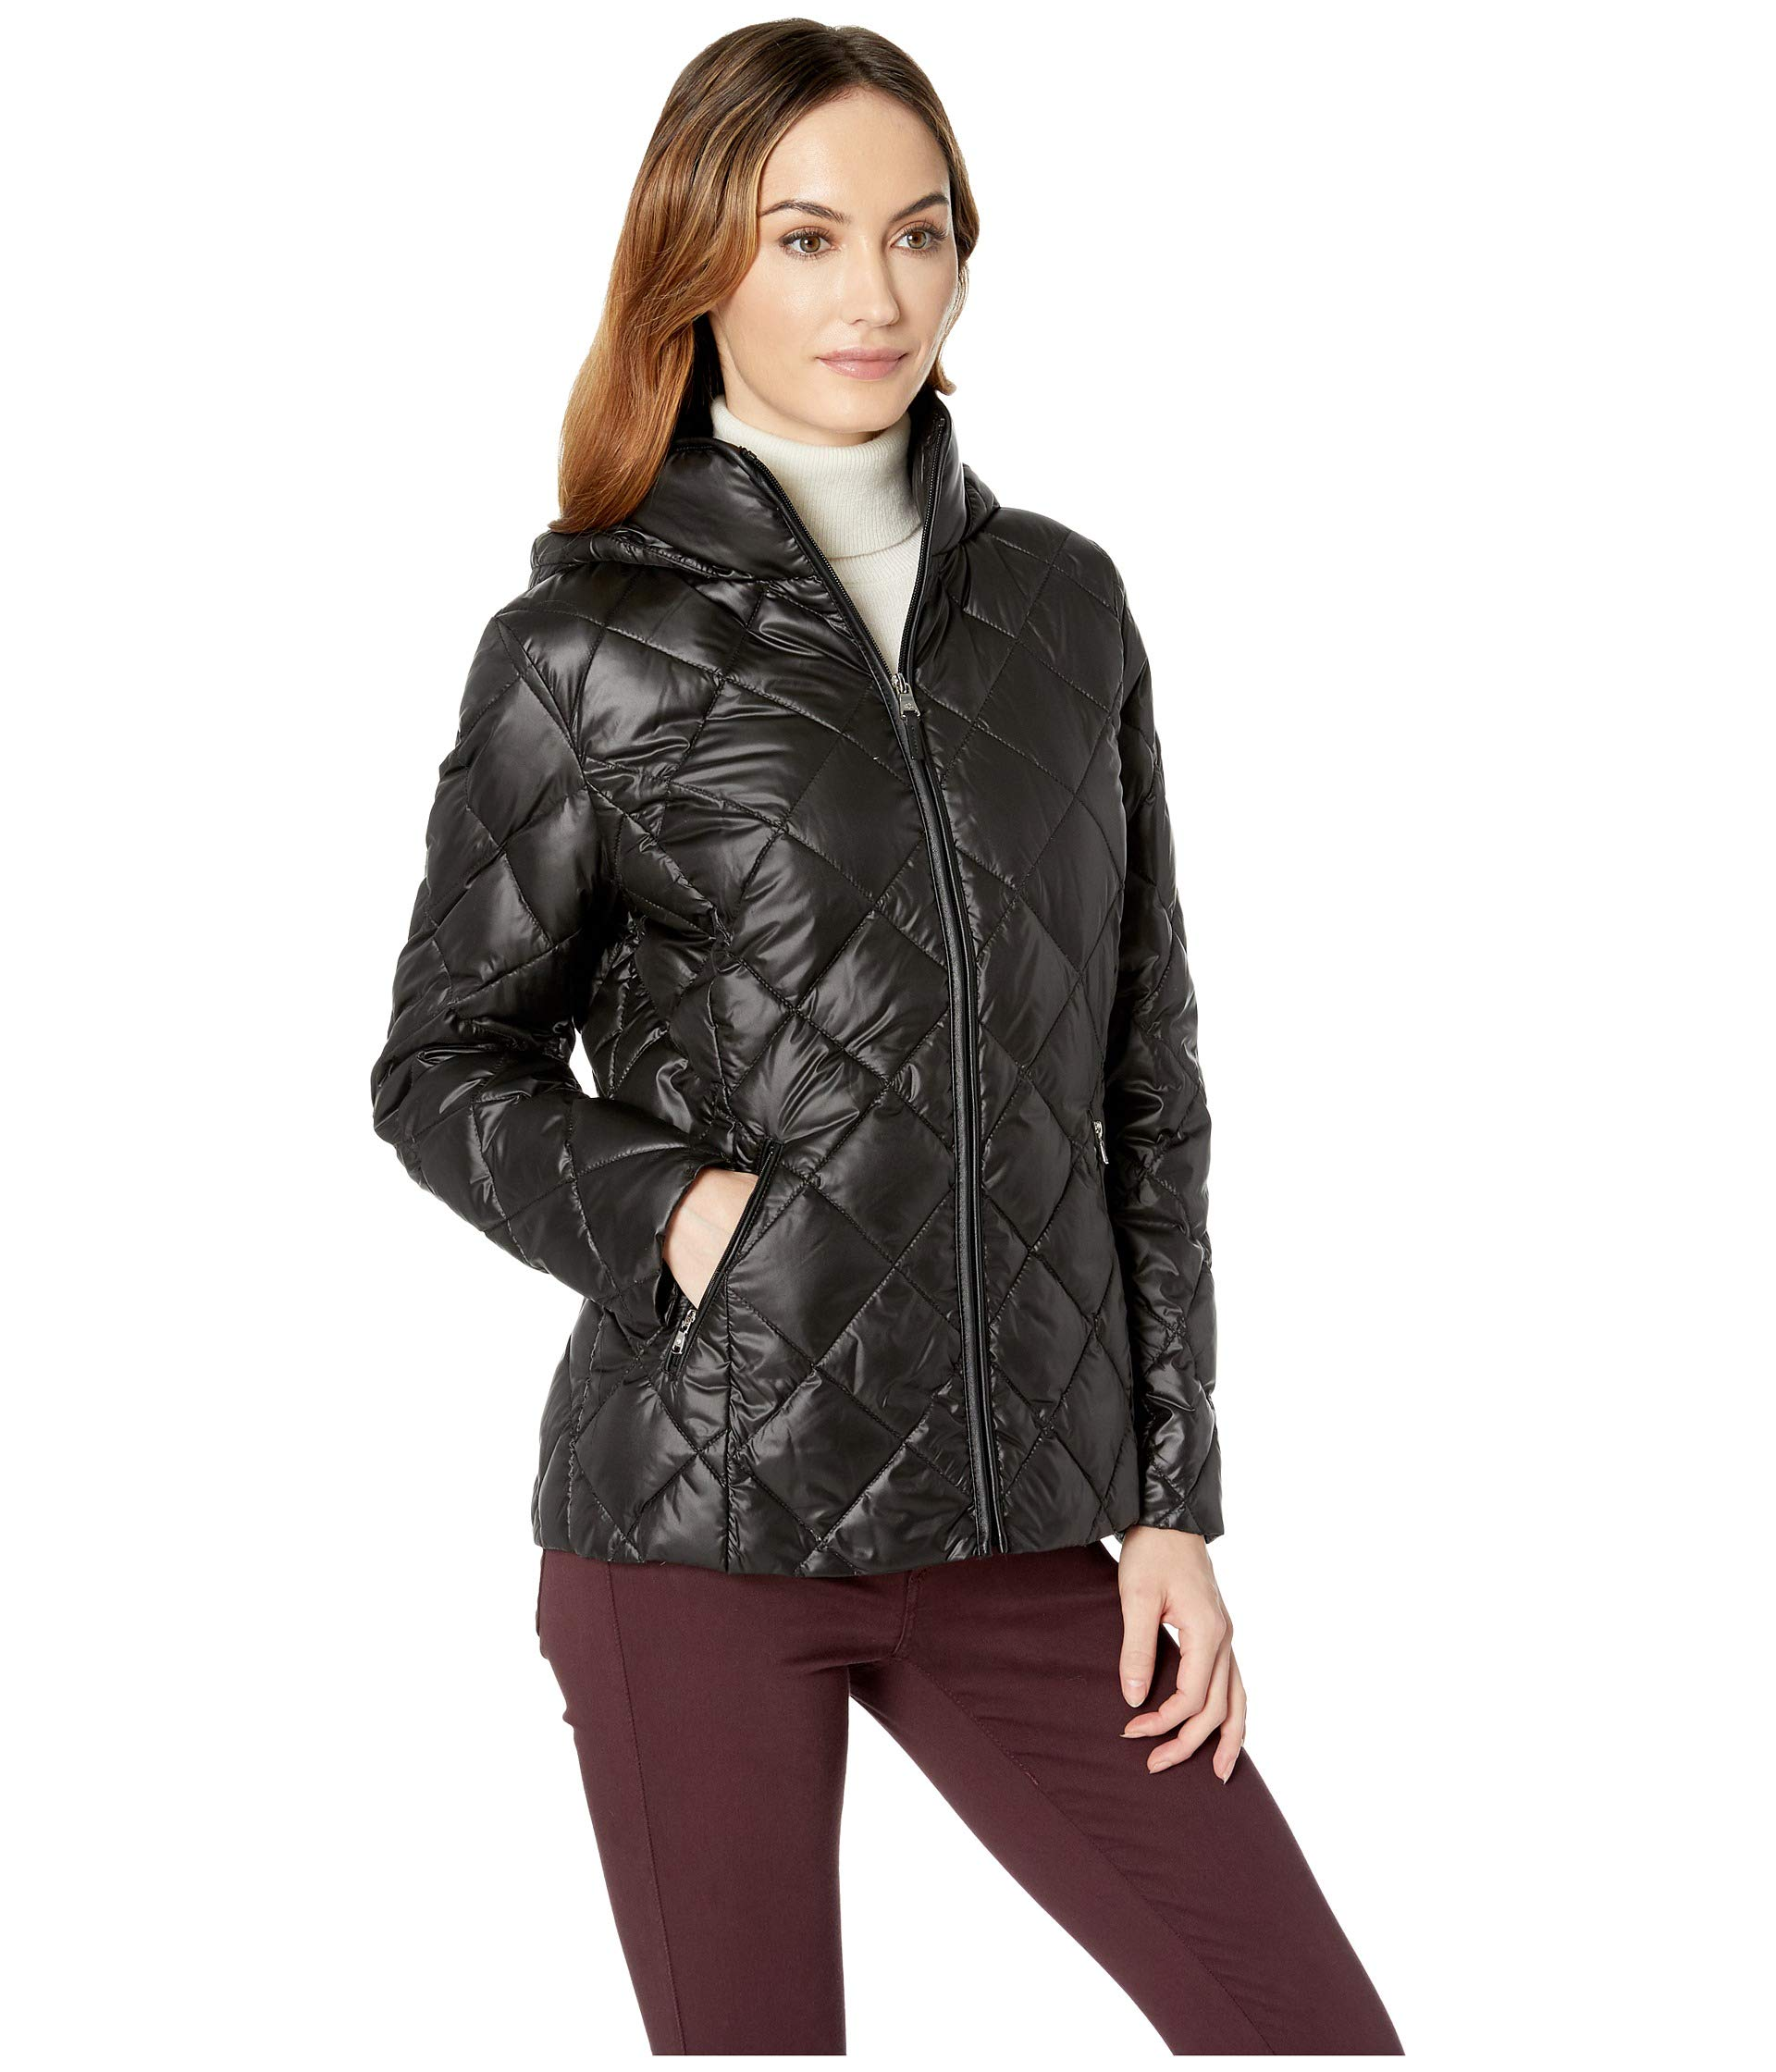 Black Lauren Trim Ralph Faux Soft Down Leather FY0YPqrw